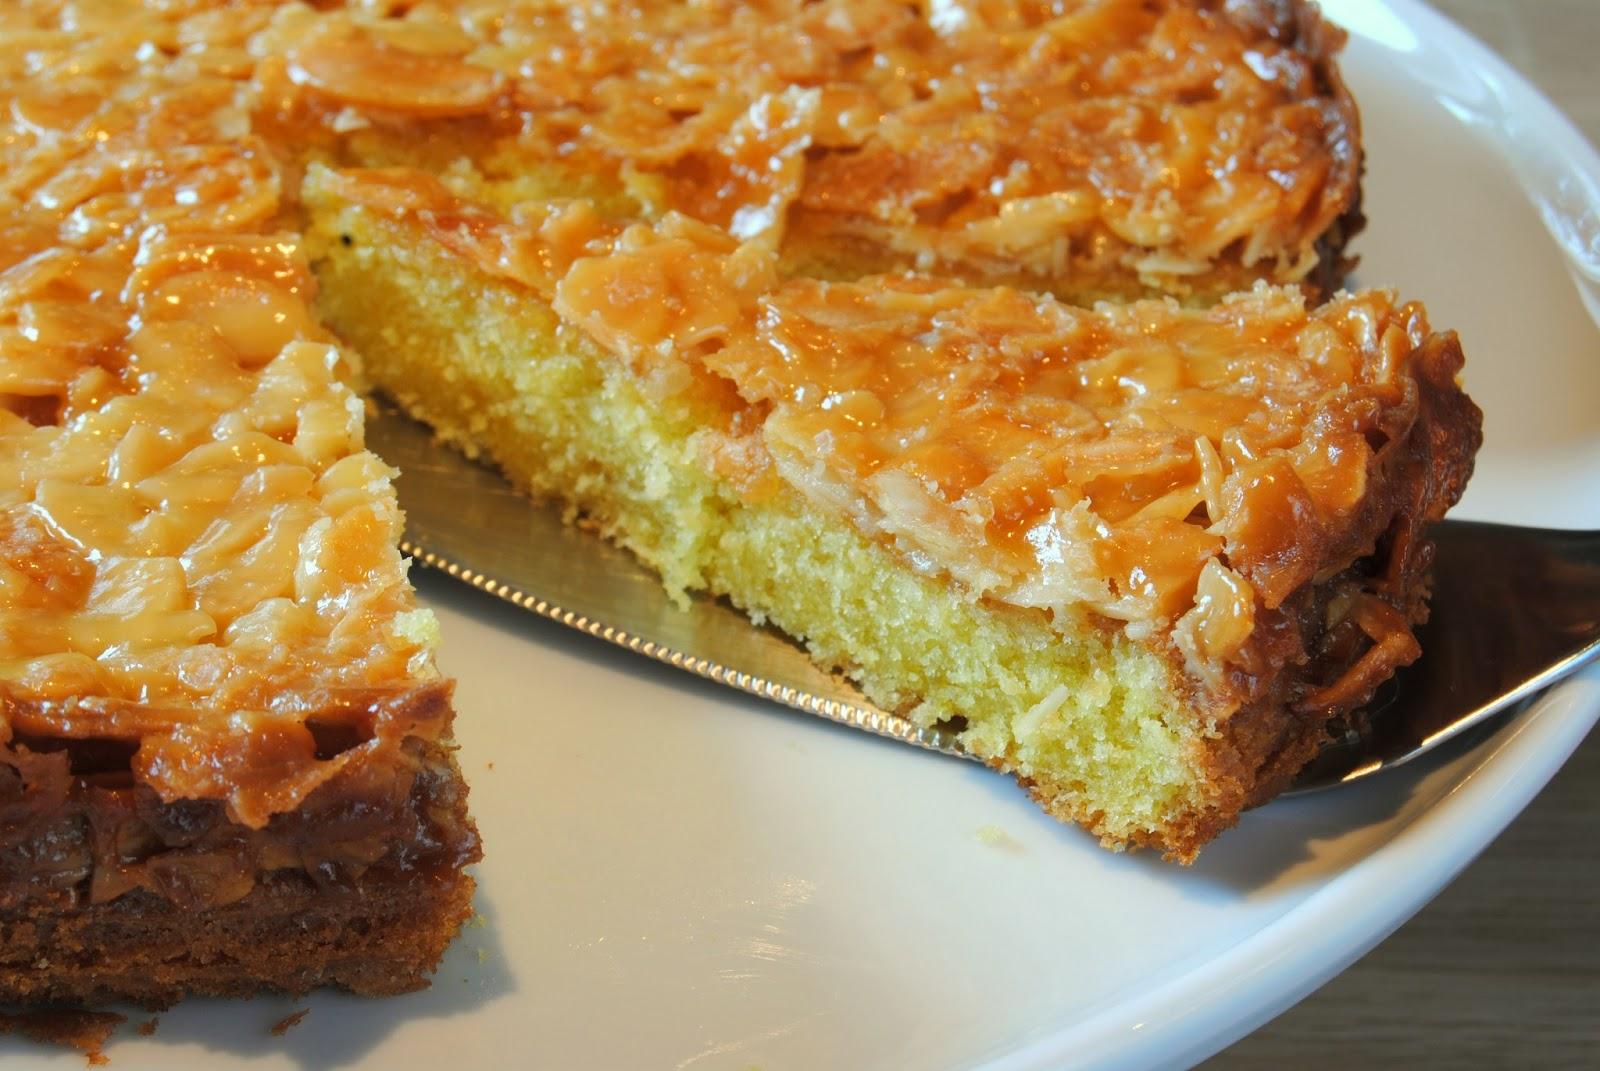 gateau-tosca-aux-amandes-caramelisees